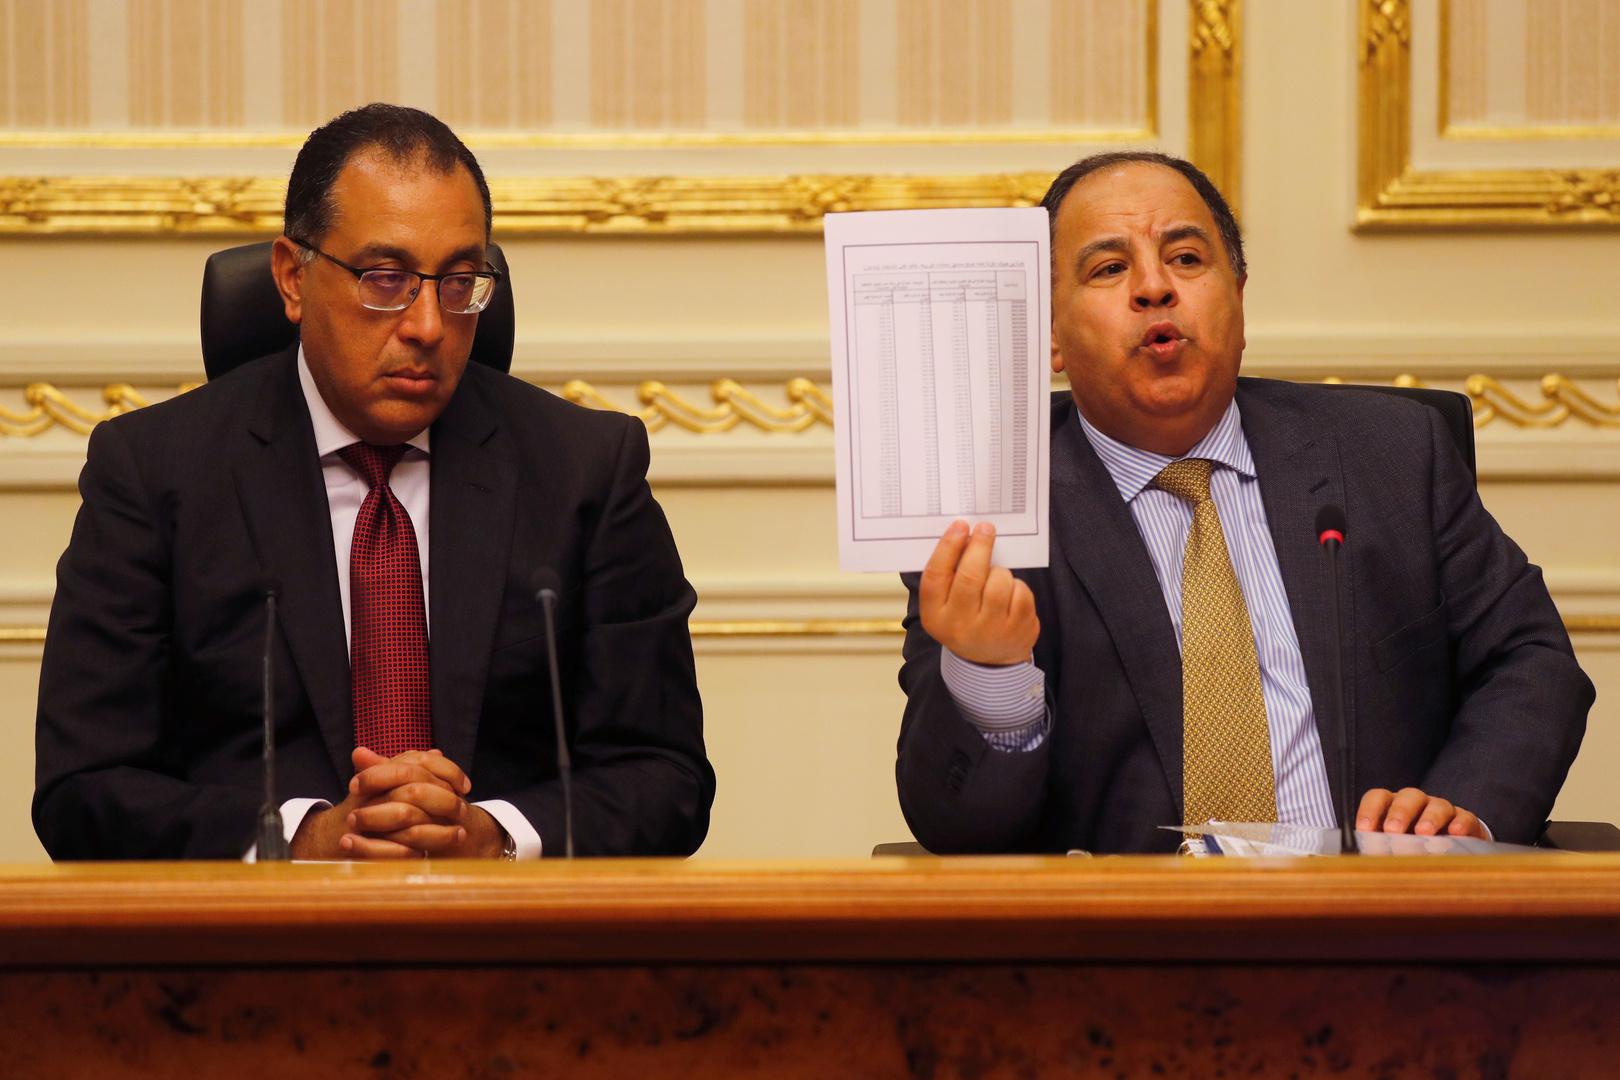 وزير المالية المصري مع رئيس الوزراء